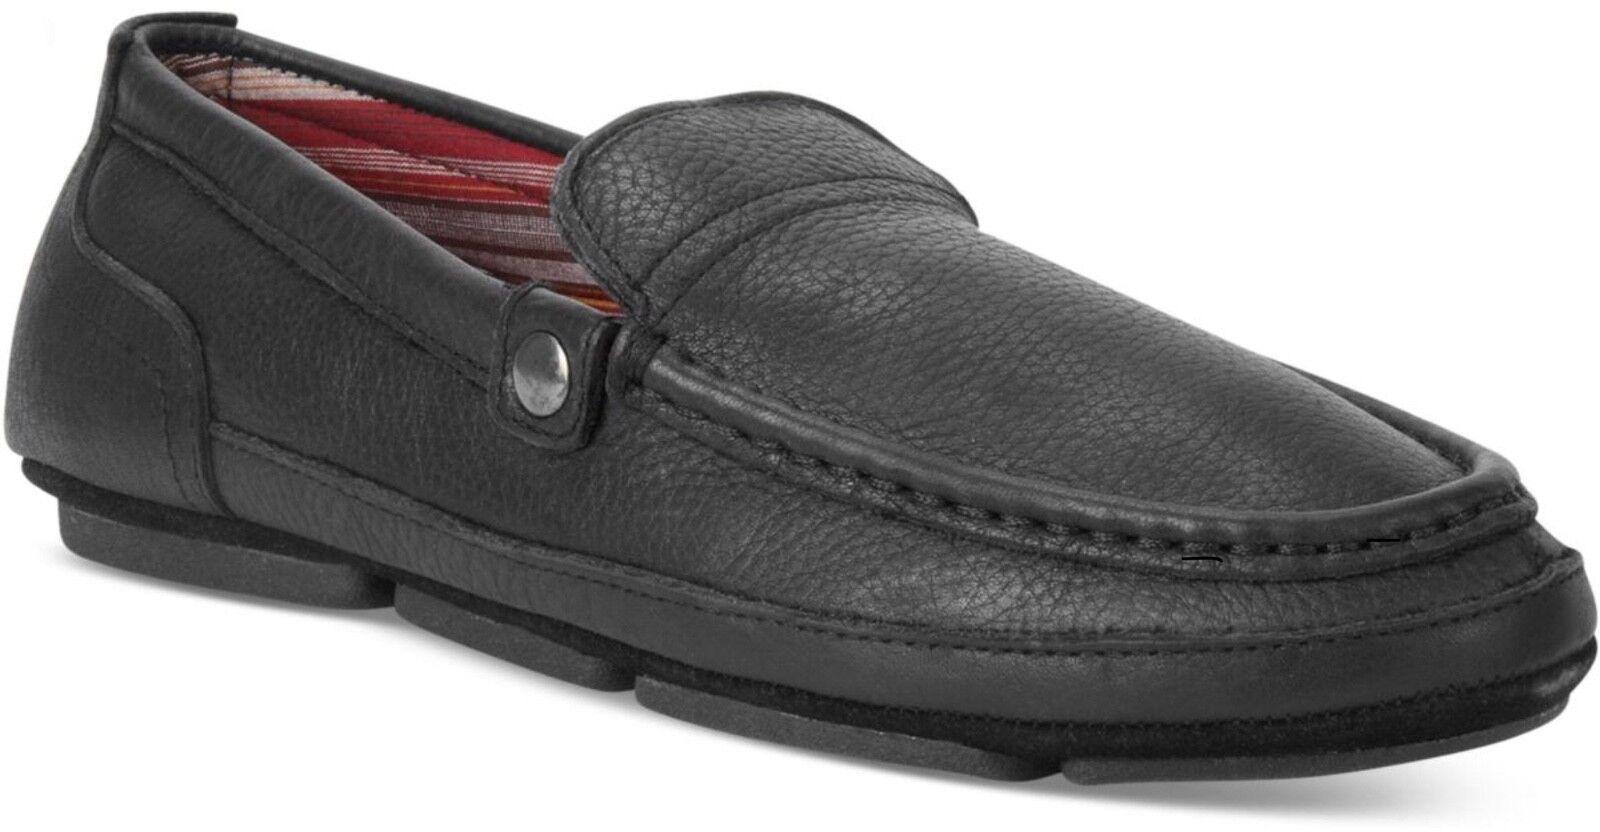 NIB LB Evans Finn Men's Bedroom Loafer Slippers Leather Black I